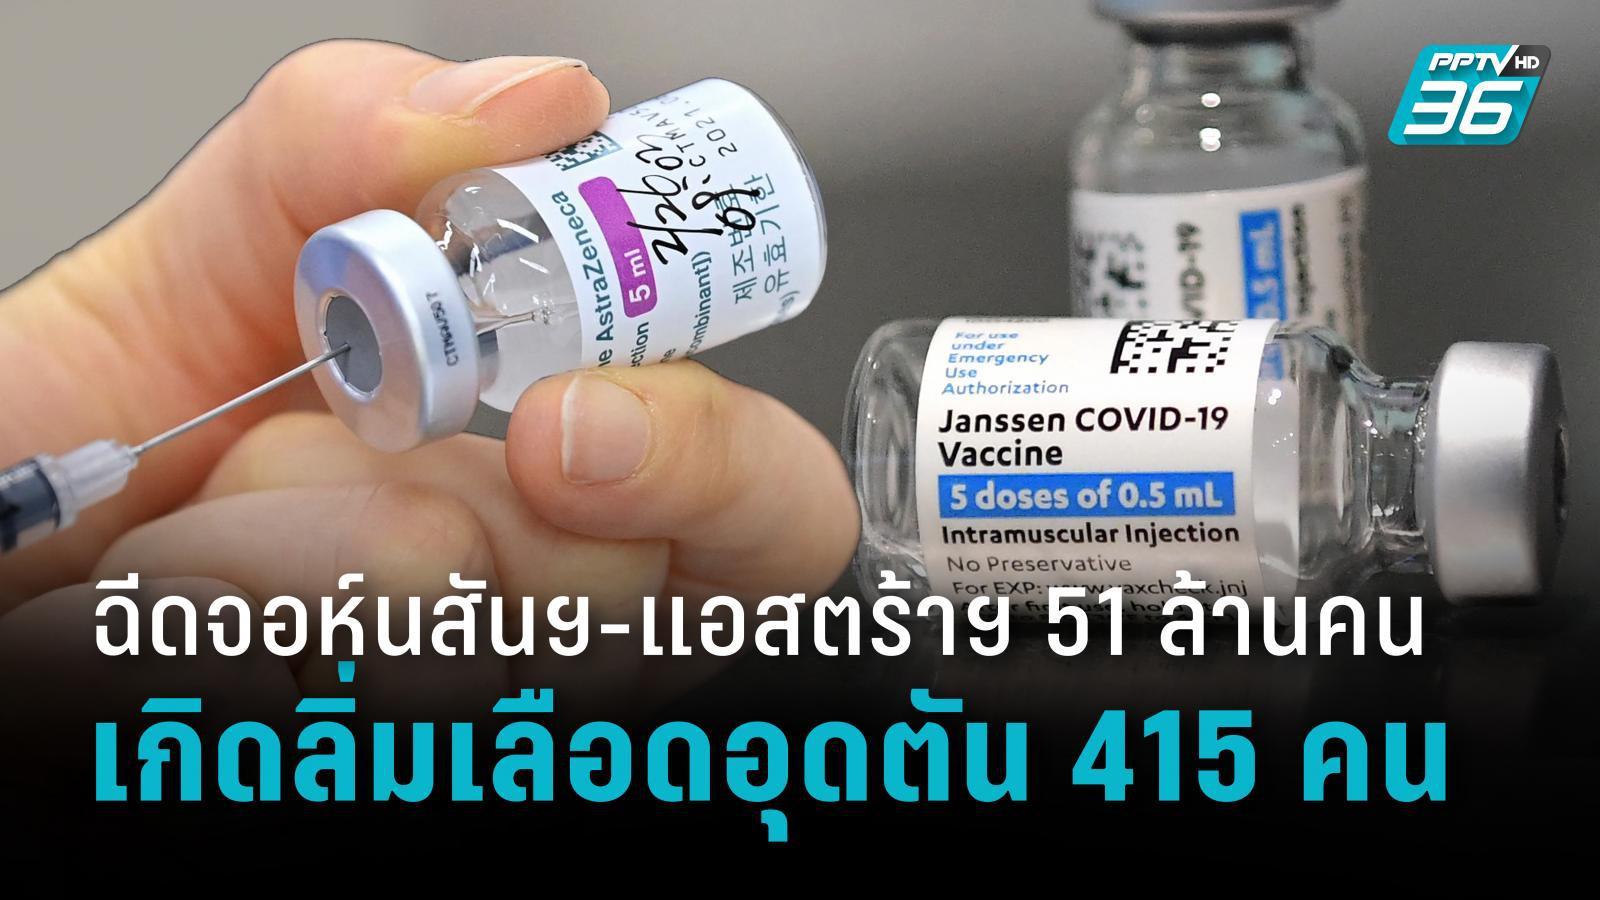 รายงานใหม่ ฉีดจอห์นสันฯ-แอสตร้าฯ 51 ล้านคน เกิดลิ่มเลือดอุดตัน 415 คน